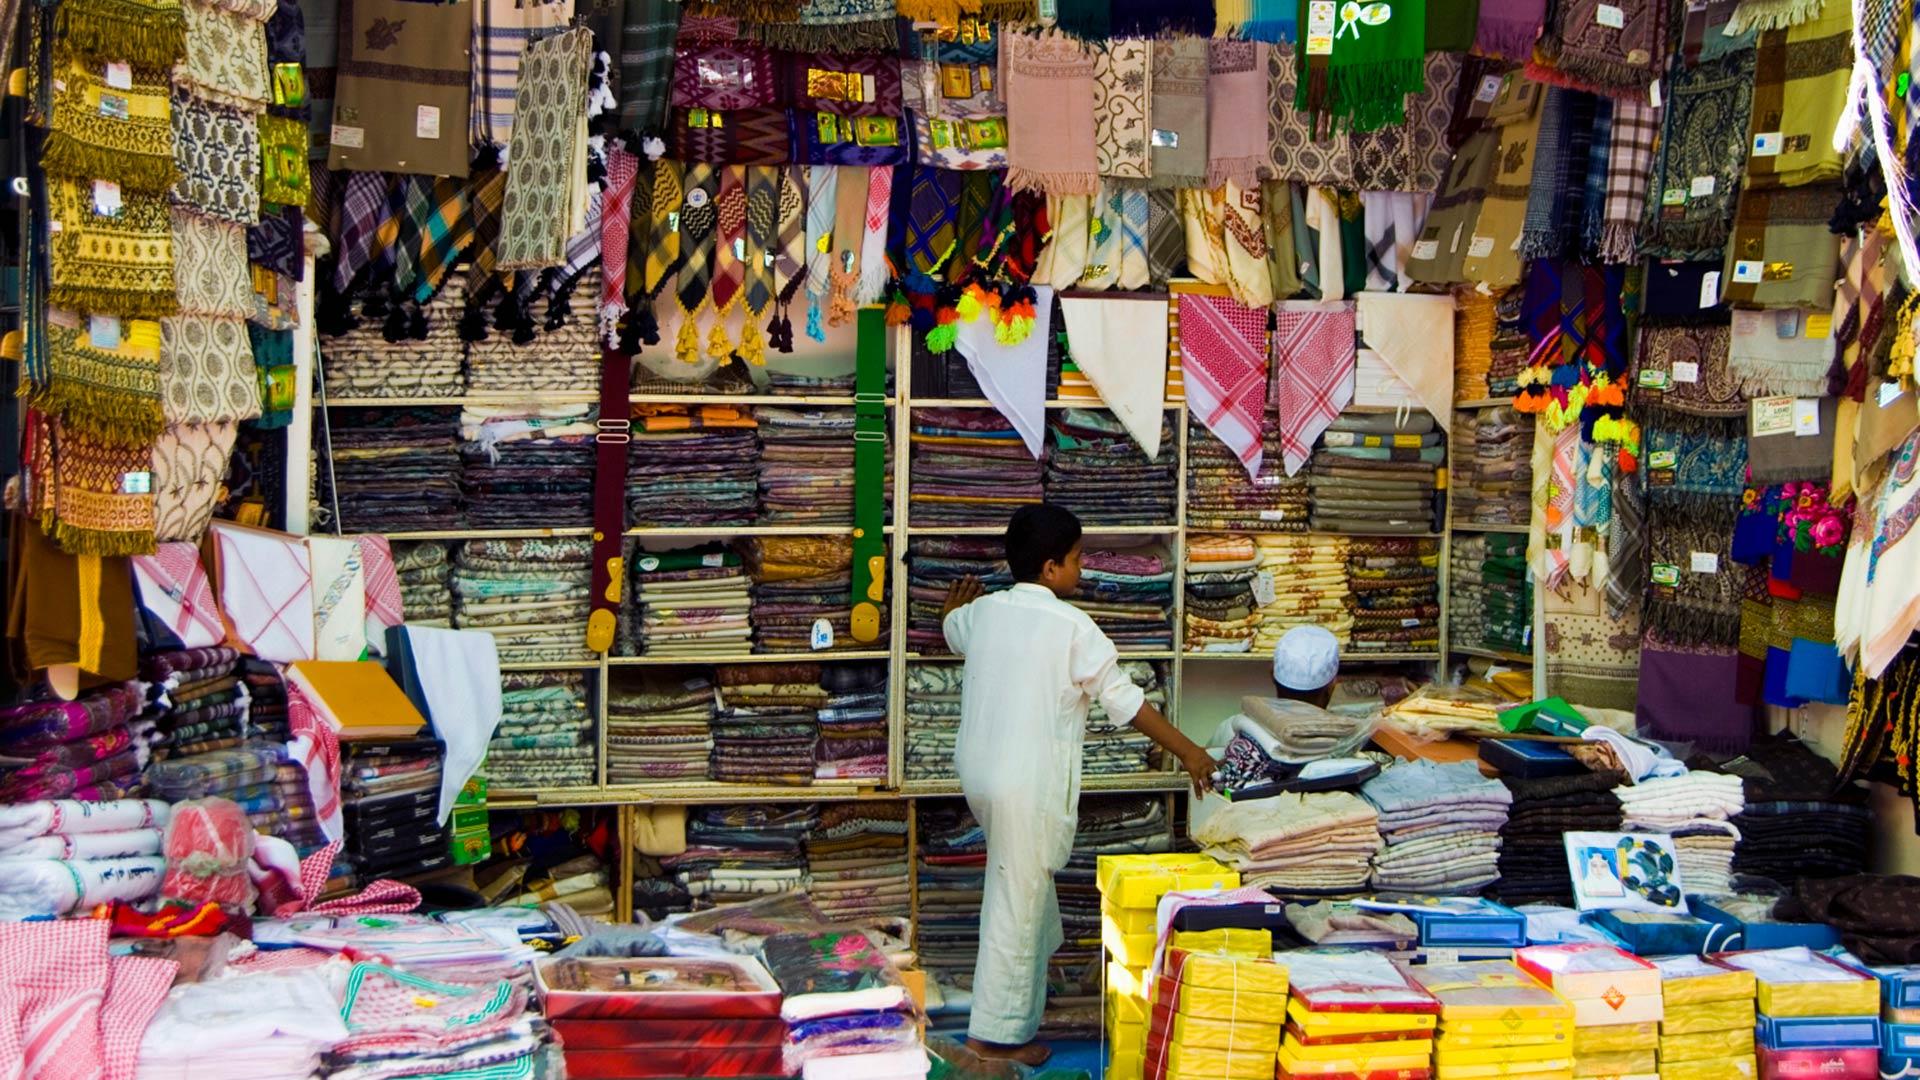 Market in Jeddah, Saudi Arabia